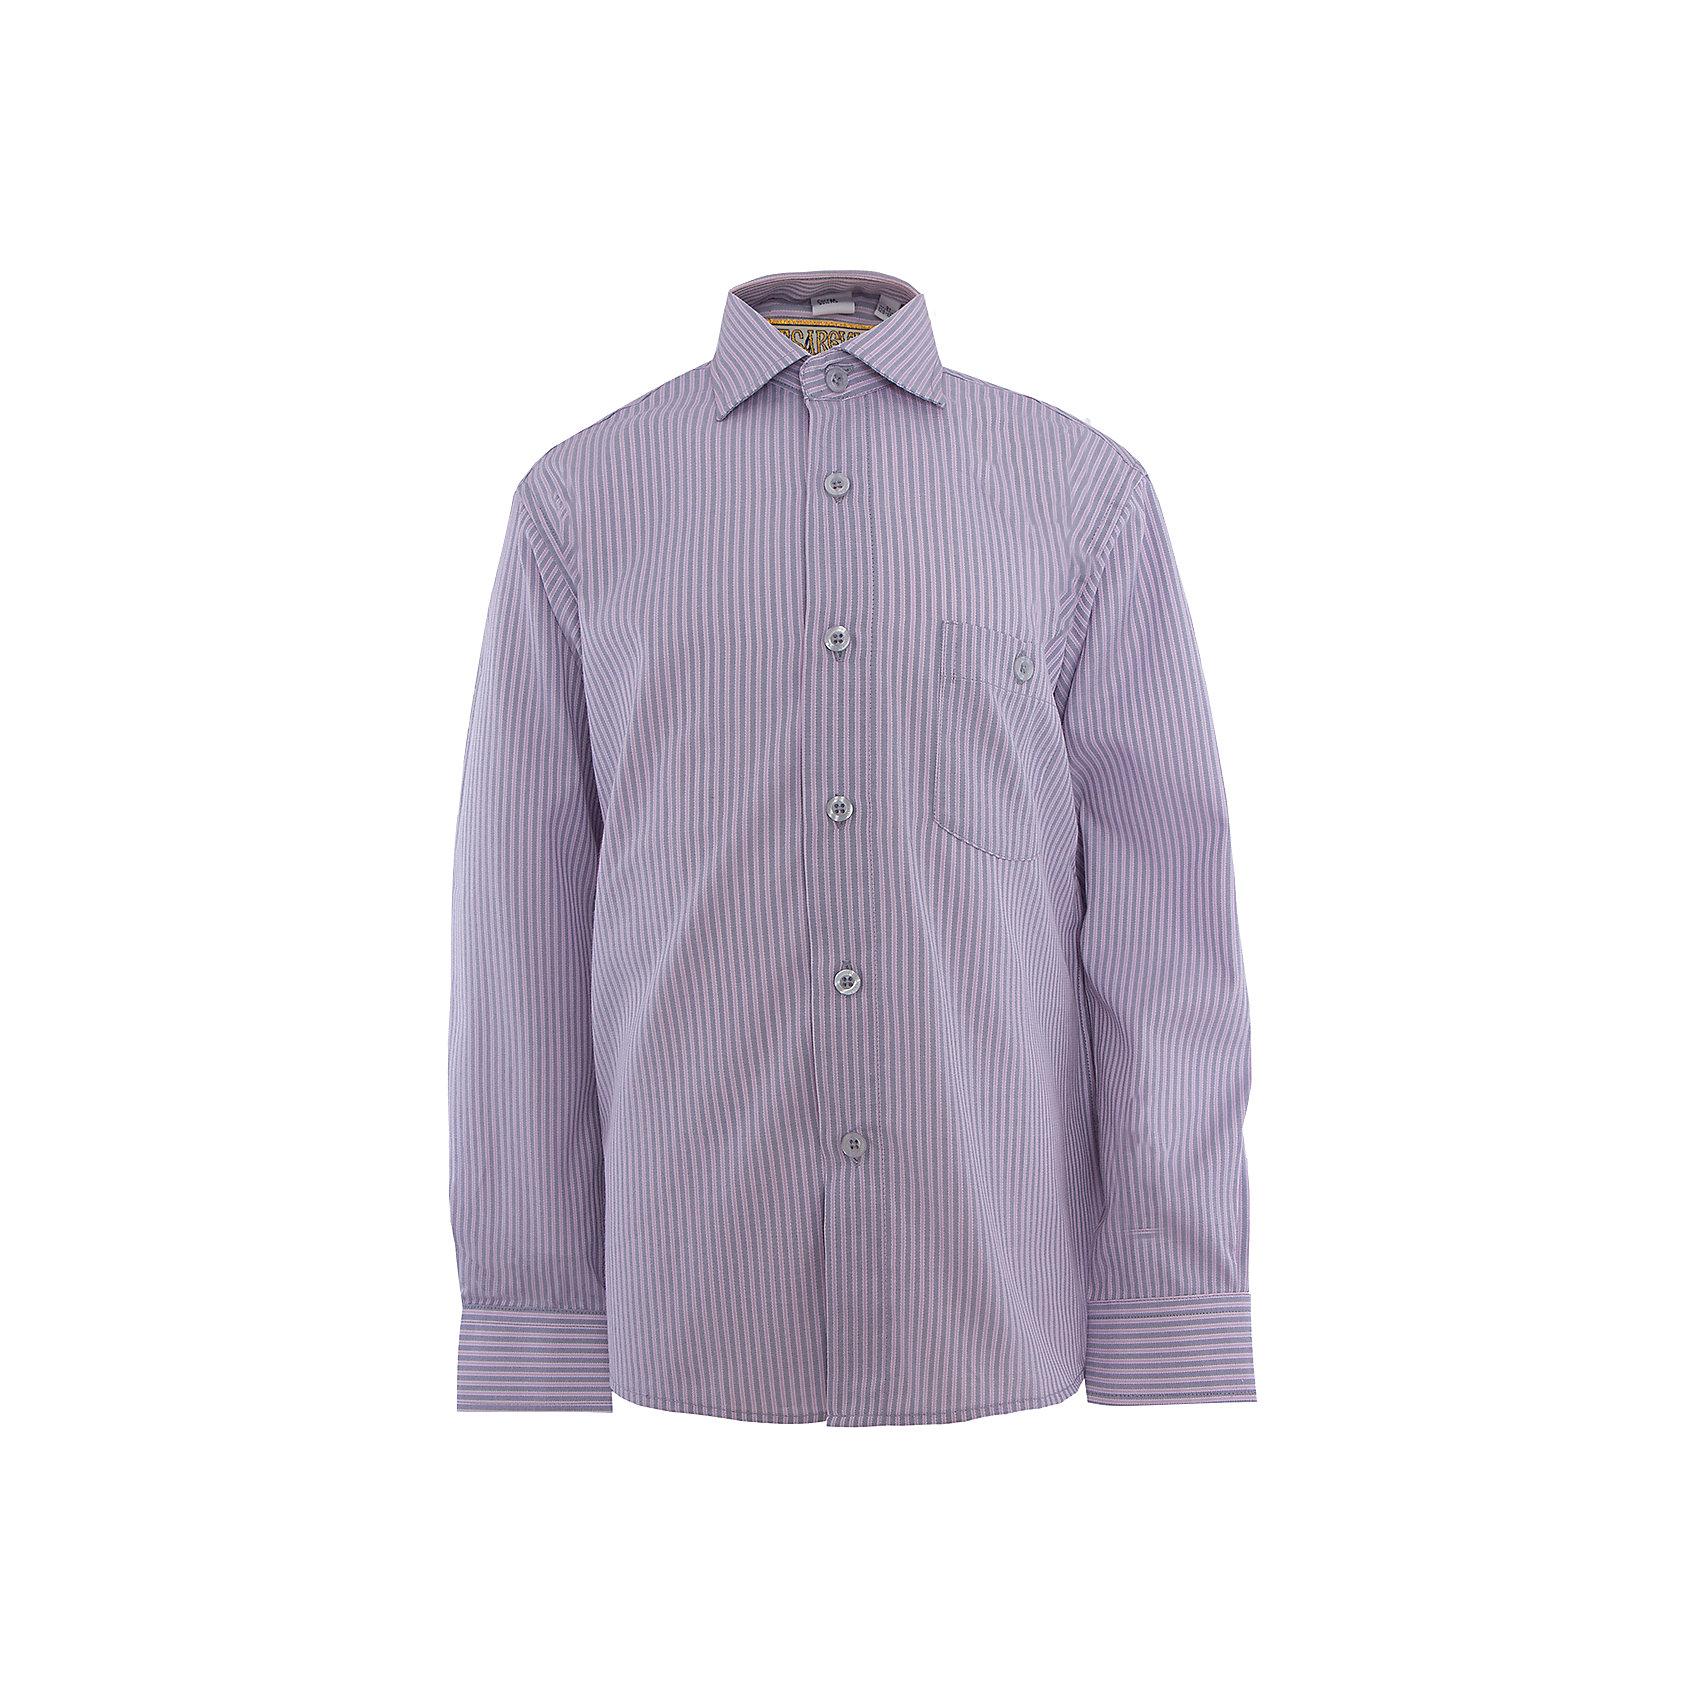 Рубашка для мальчика TsarevichБлузки и рубашки<br>Классическая рубашка - неотьемлемая вещь в гардеробе. Модель на пуговицах, с отложным воротником. Свободный покрой не стеснит движений и позволит чувствовать себя комфортно каждый день.  Состав 65 % хл. 35% П/Э<br><br>Ширина мм: 174<br>Глубина мм: 10<br>Высота мм: 169<br>Вес г: 157<br>Цвет: фиолетовый<br>Возраст от месяцев: 96<br>Возраст до месяцев: 108<br>Пол: Мужской<br>Возраст: Детский<br>Размер: 128/134,134/140,140/146,146/152,146/152,152/158,152/158,158/164,164/170,122/128<br>SKU: 4749304